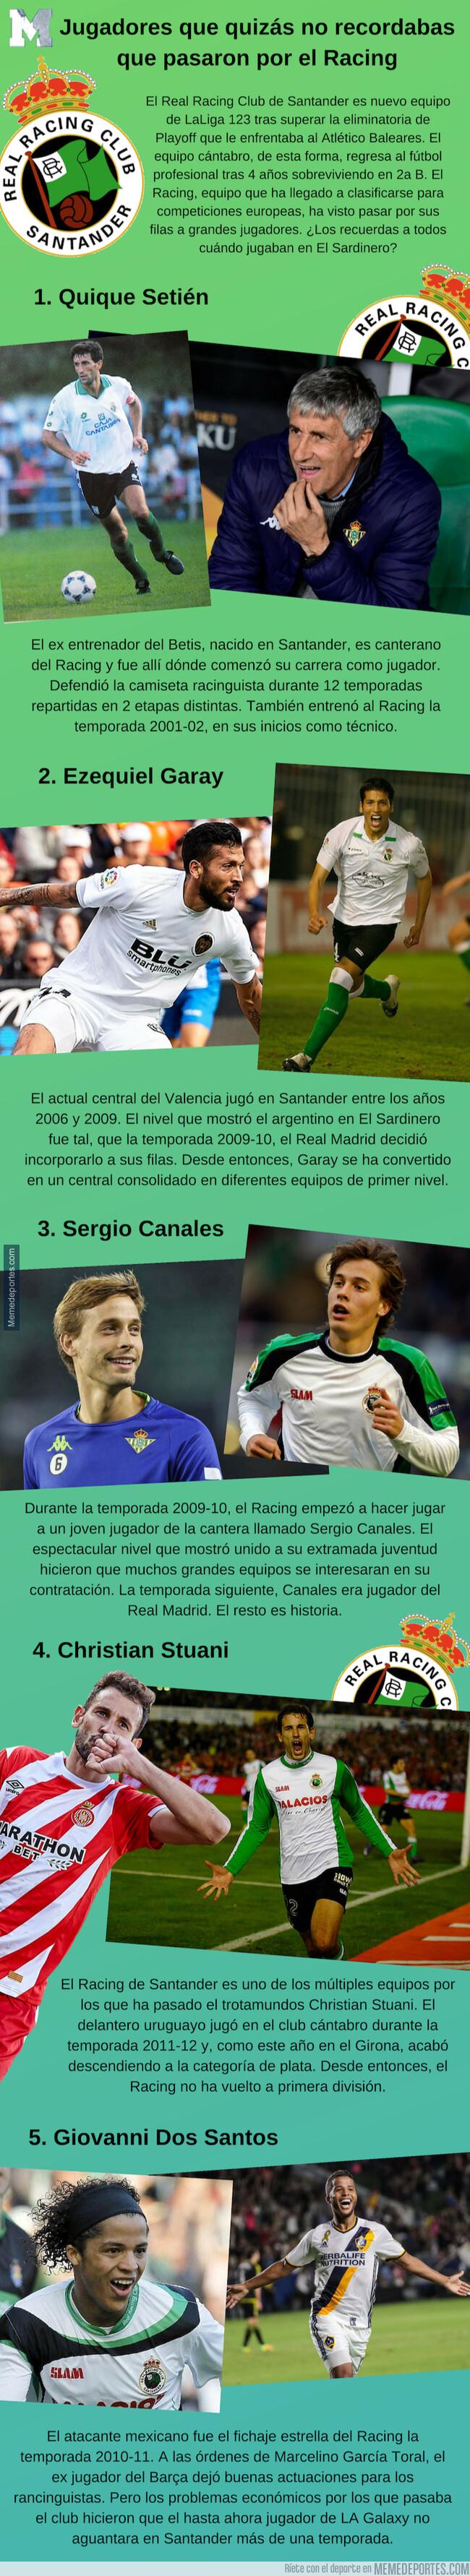 1077127 - Jugadores que quizás no recordabas que pasaron por el Racing de Santander